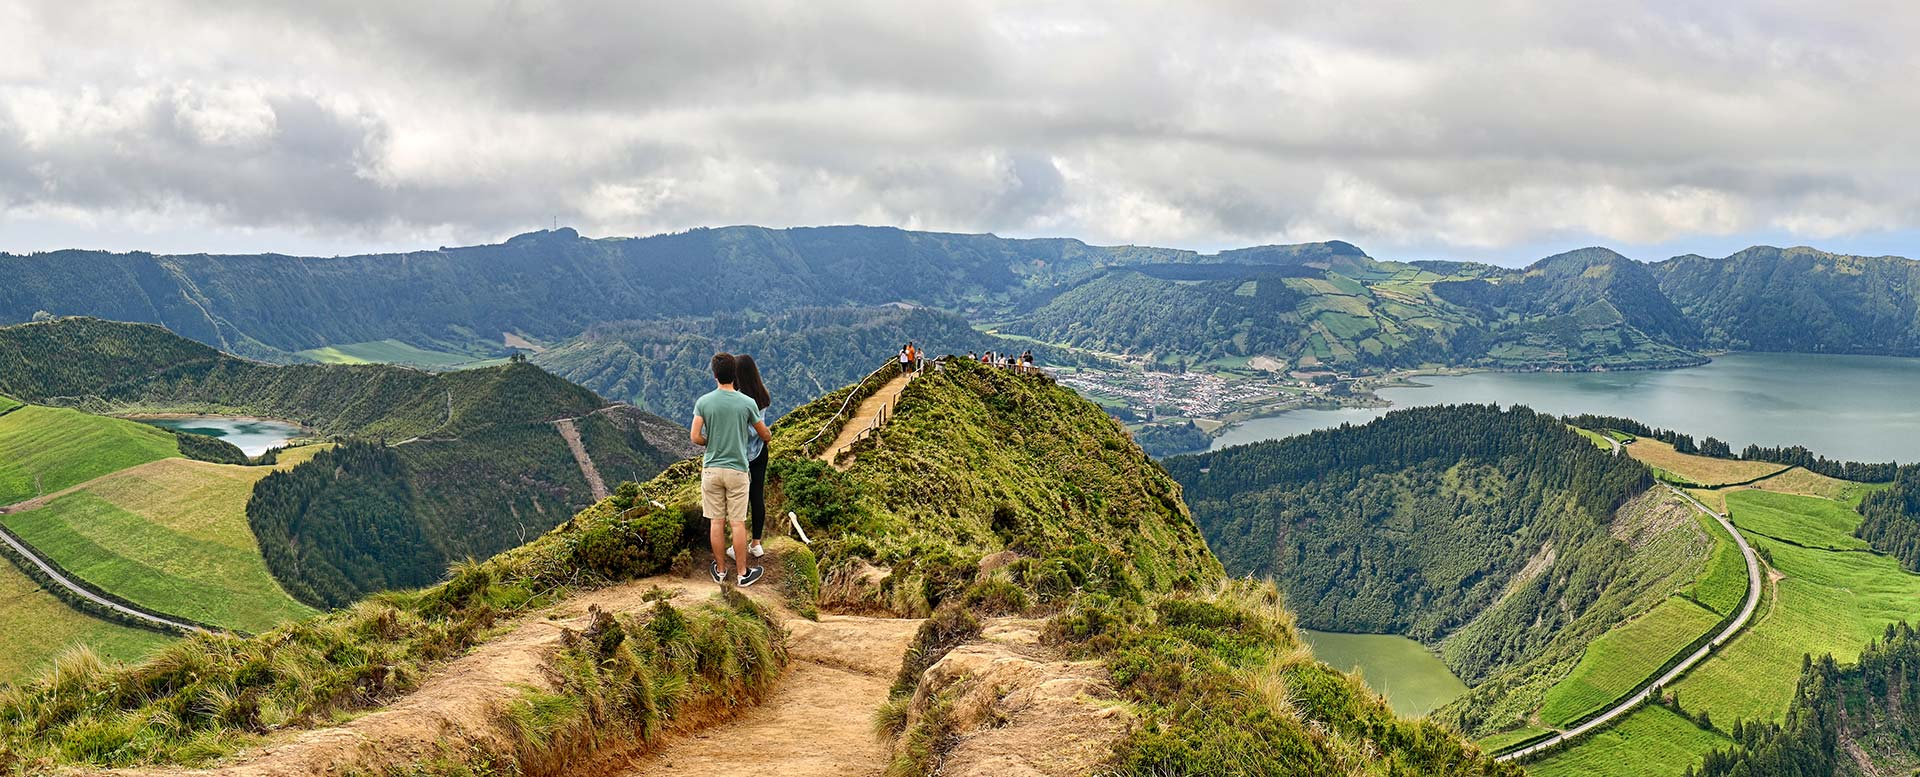 Flitterwochen-Ziel São Miguel